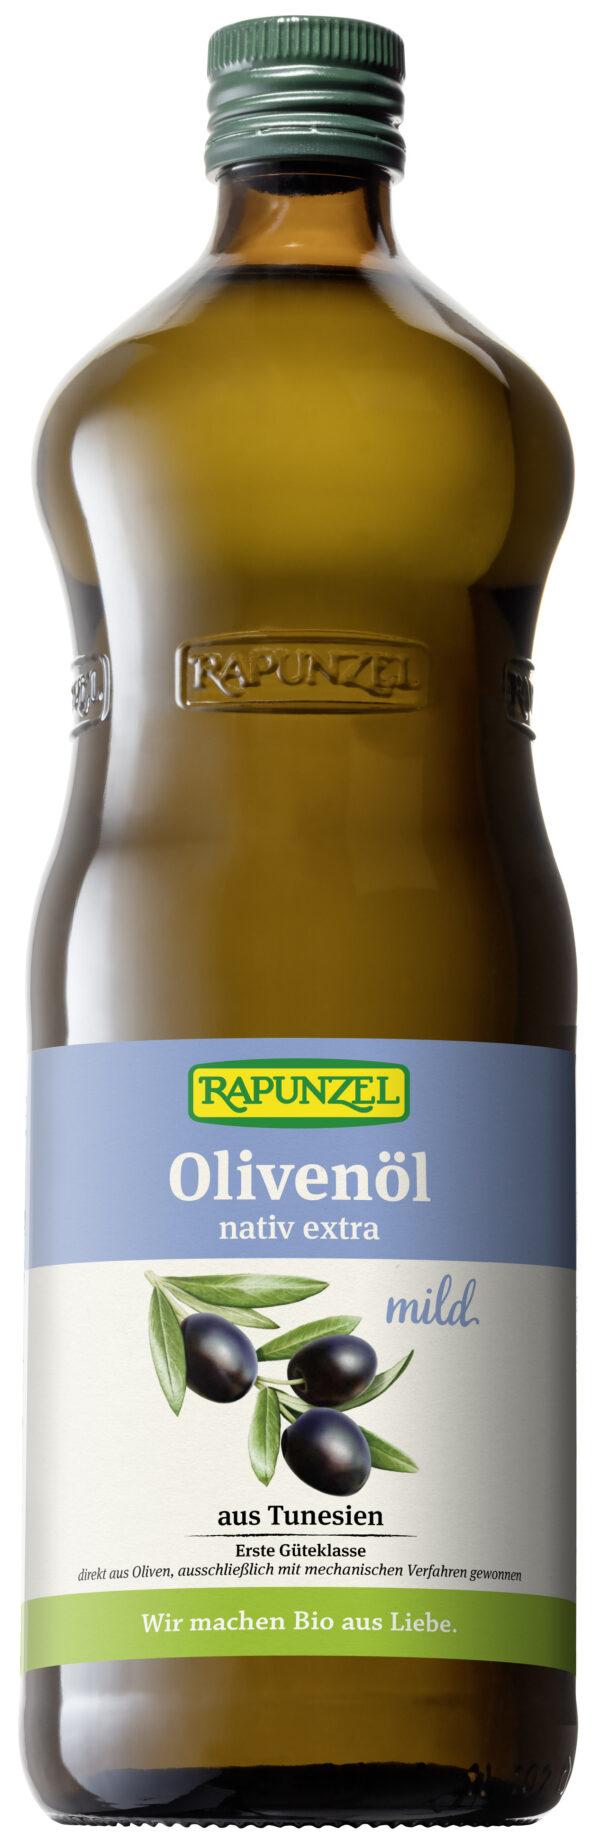 Rapunzel Olivenöl mild, nativ extra 1l